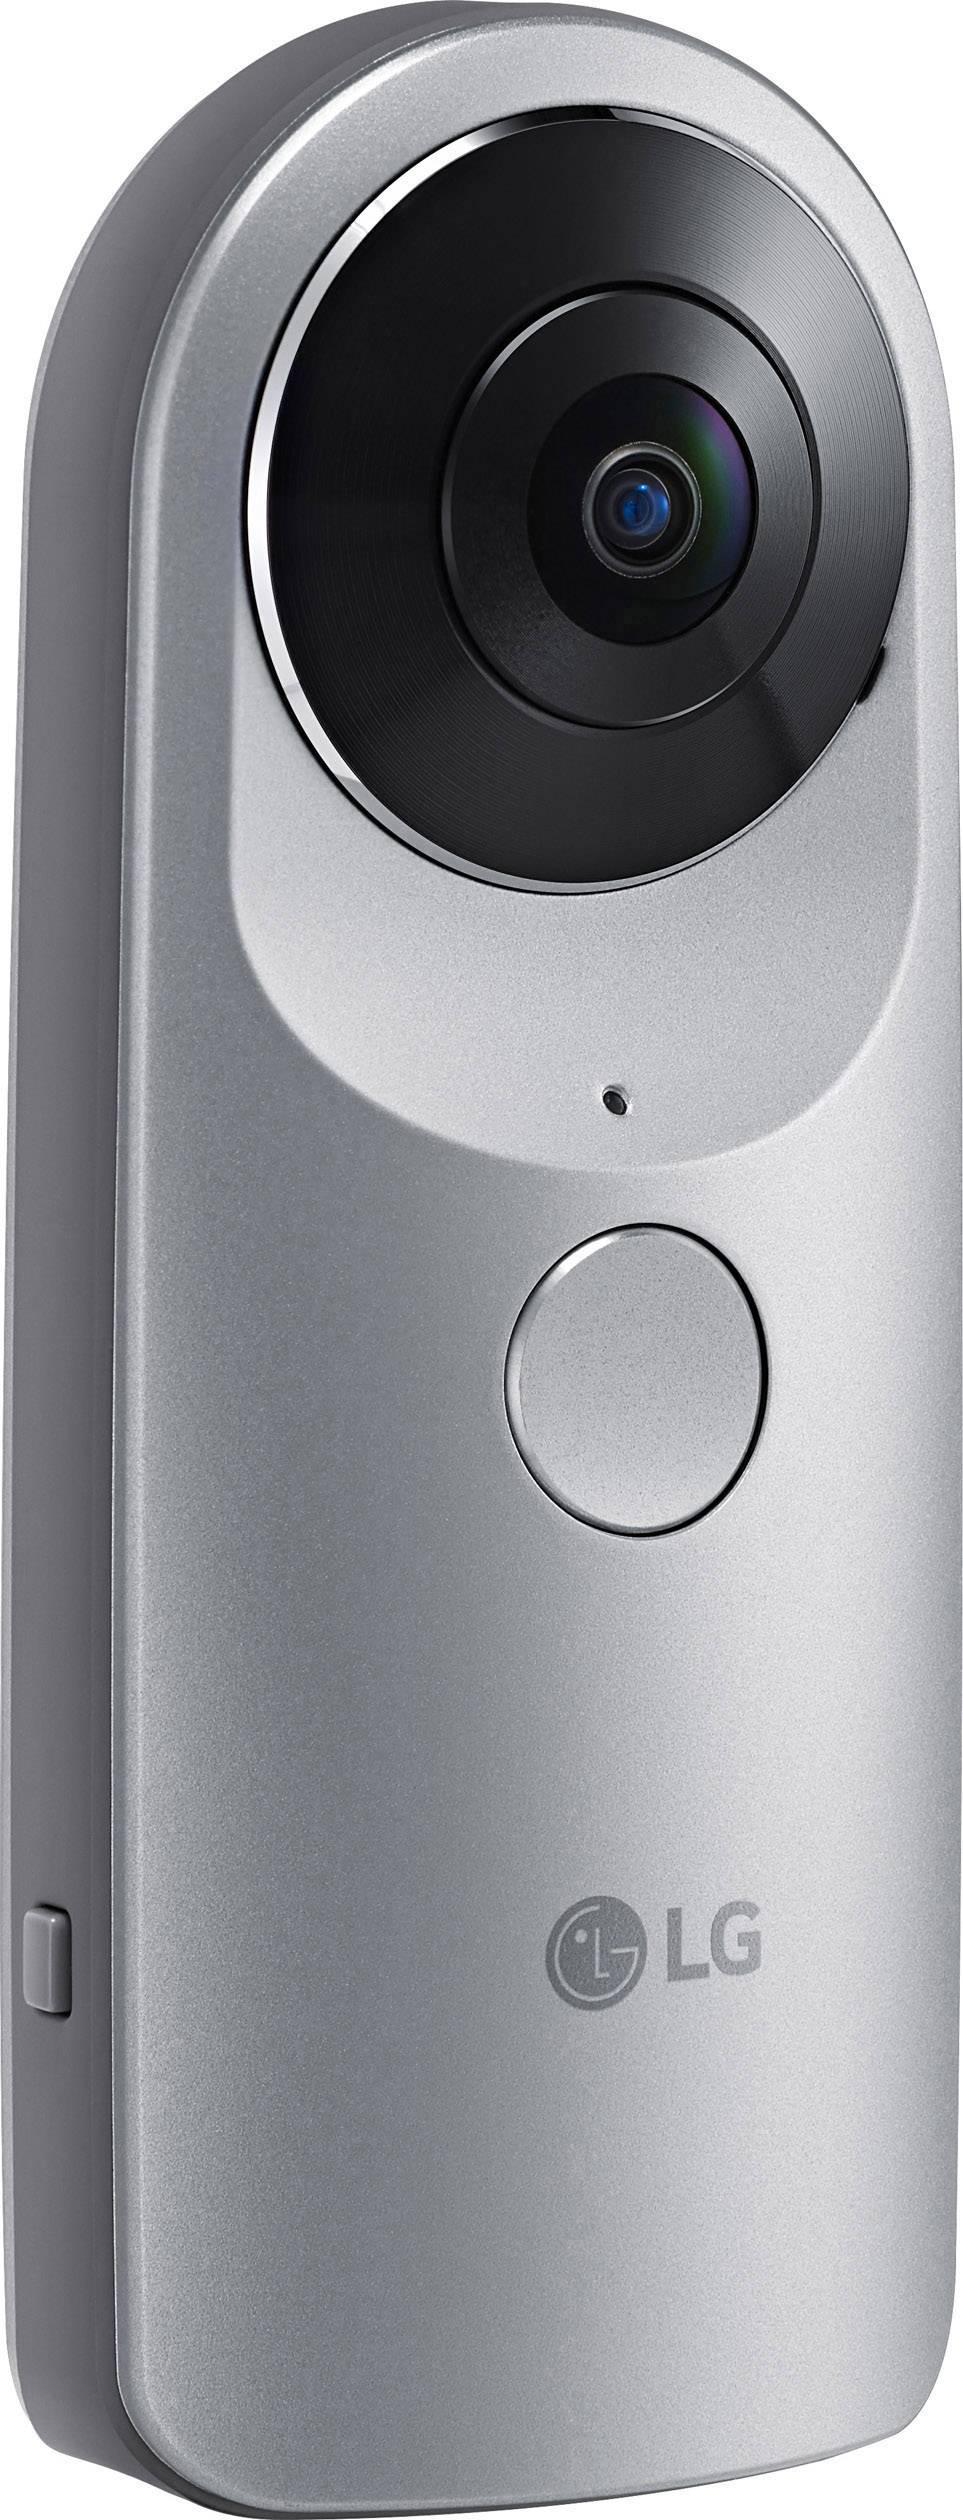 Panoramatická 360° kamera LG Electronics Friends 360° LGR105.AEUATS, 13 MPix, WiFi, titan